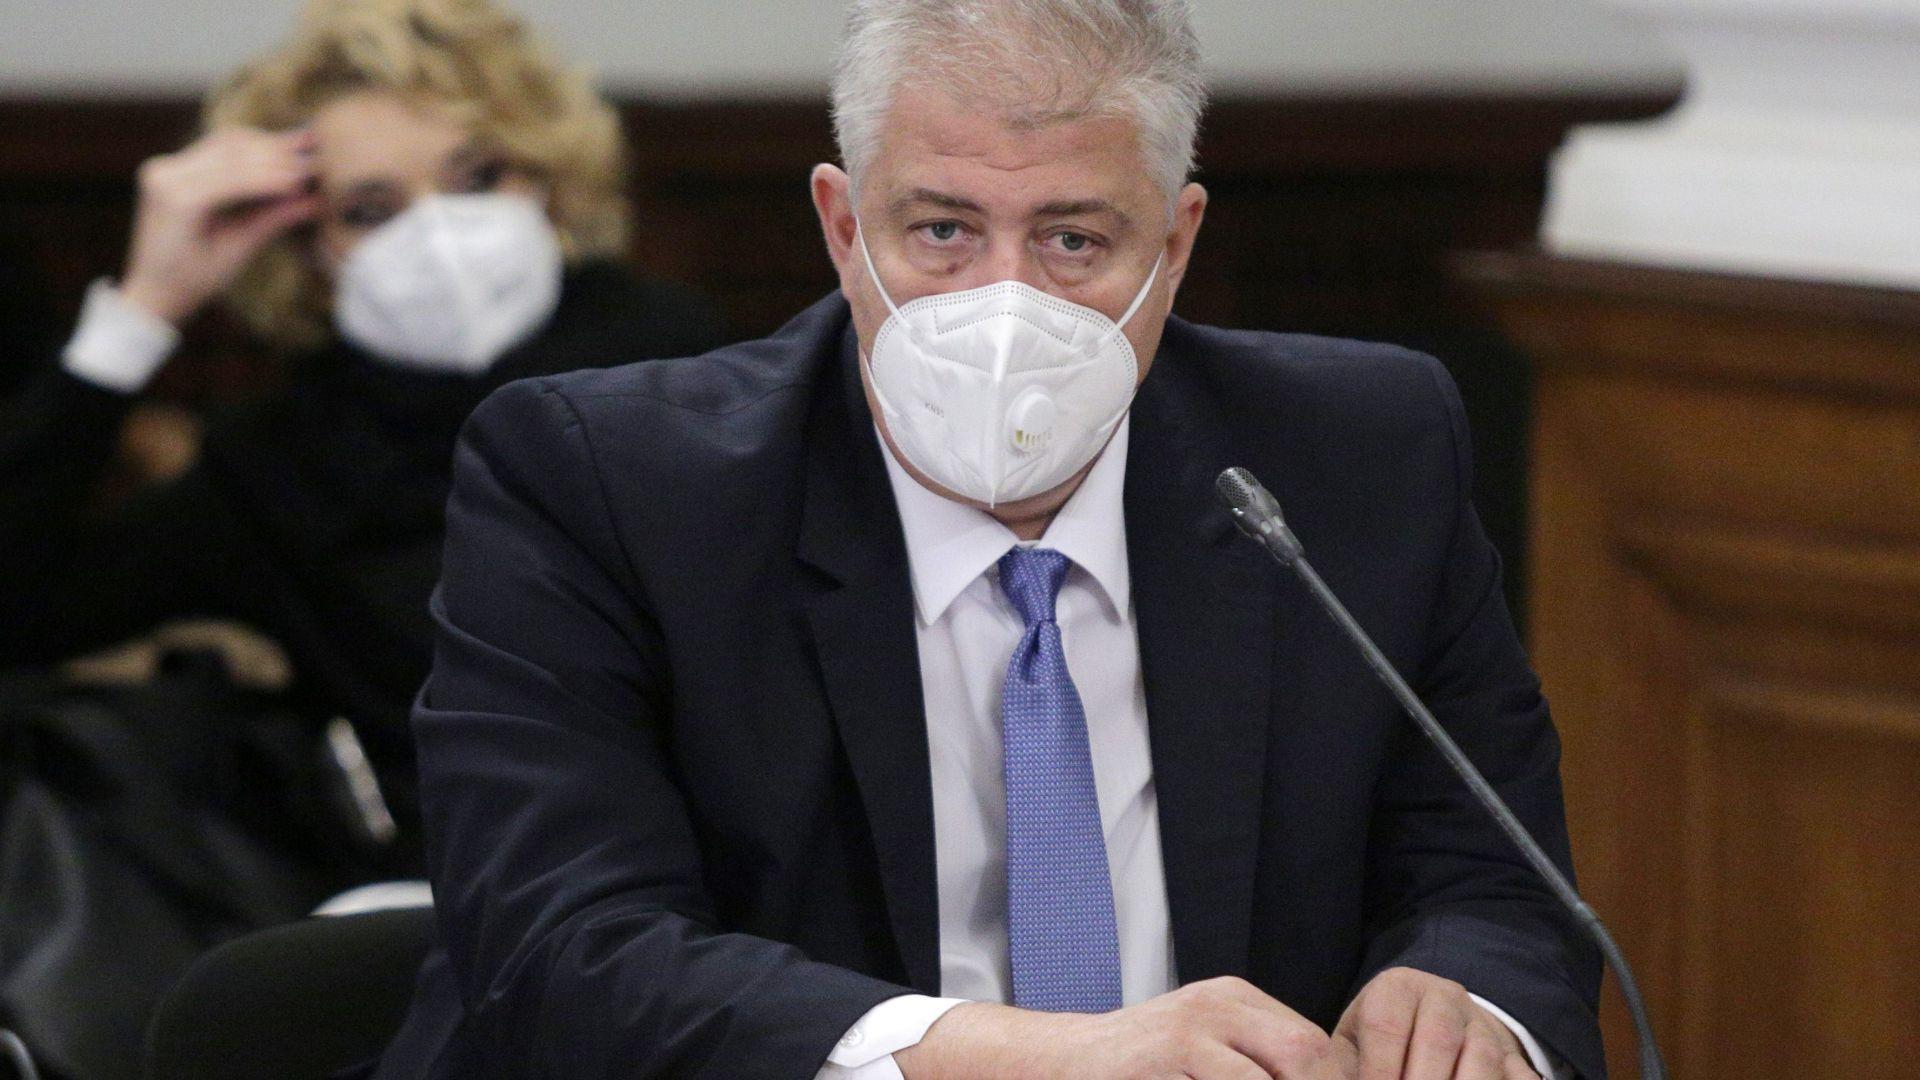 Проф. Балтов: Тезата за стадния имунитет претърпя крах